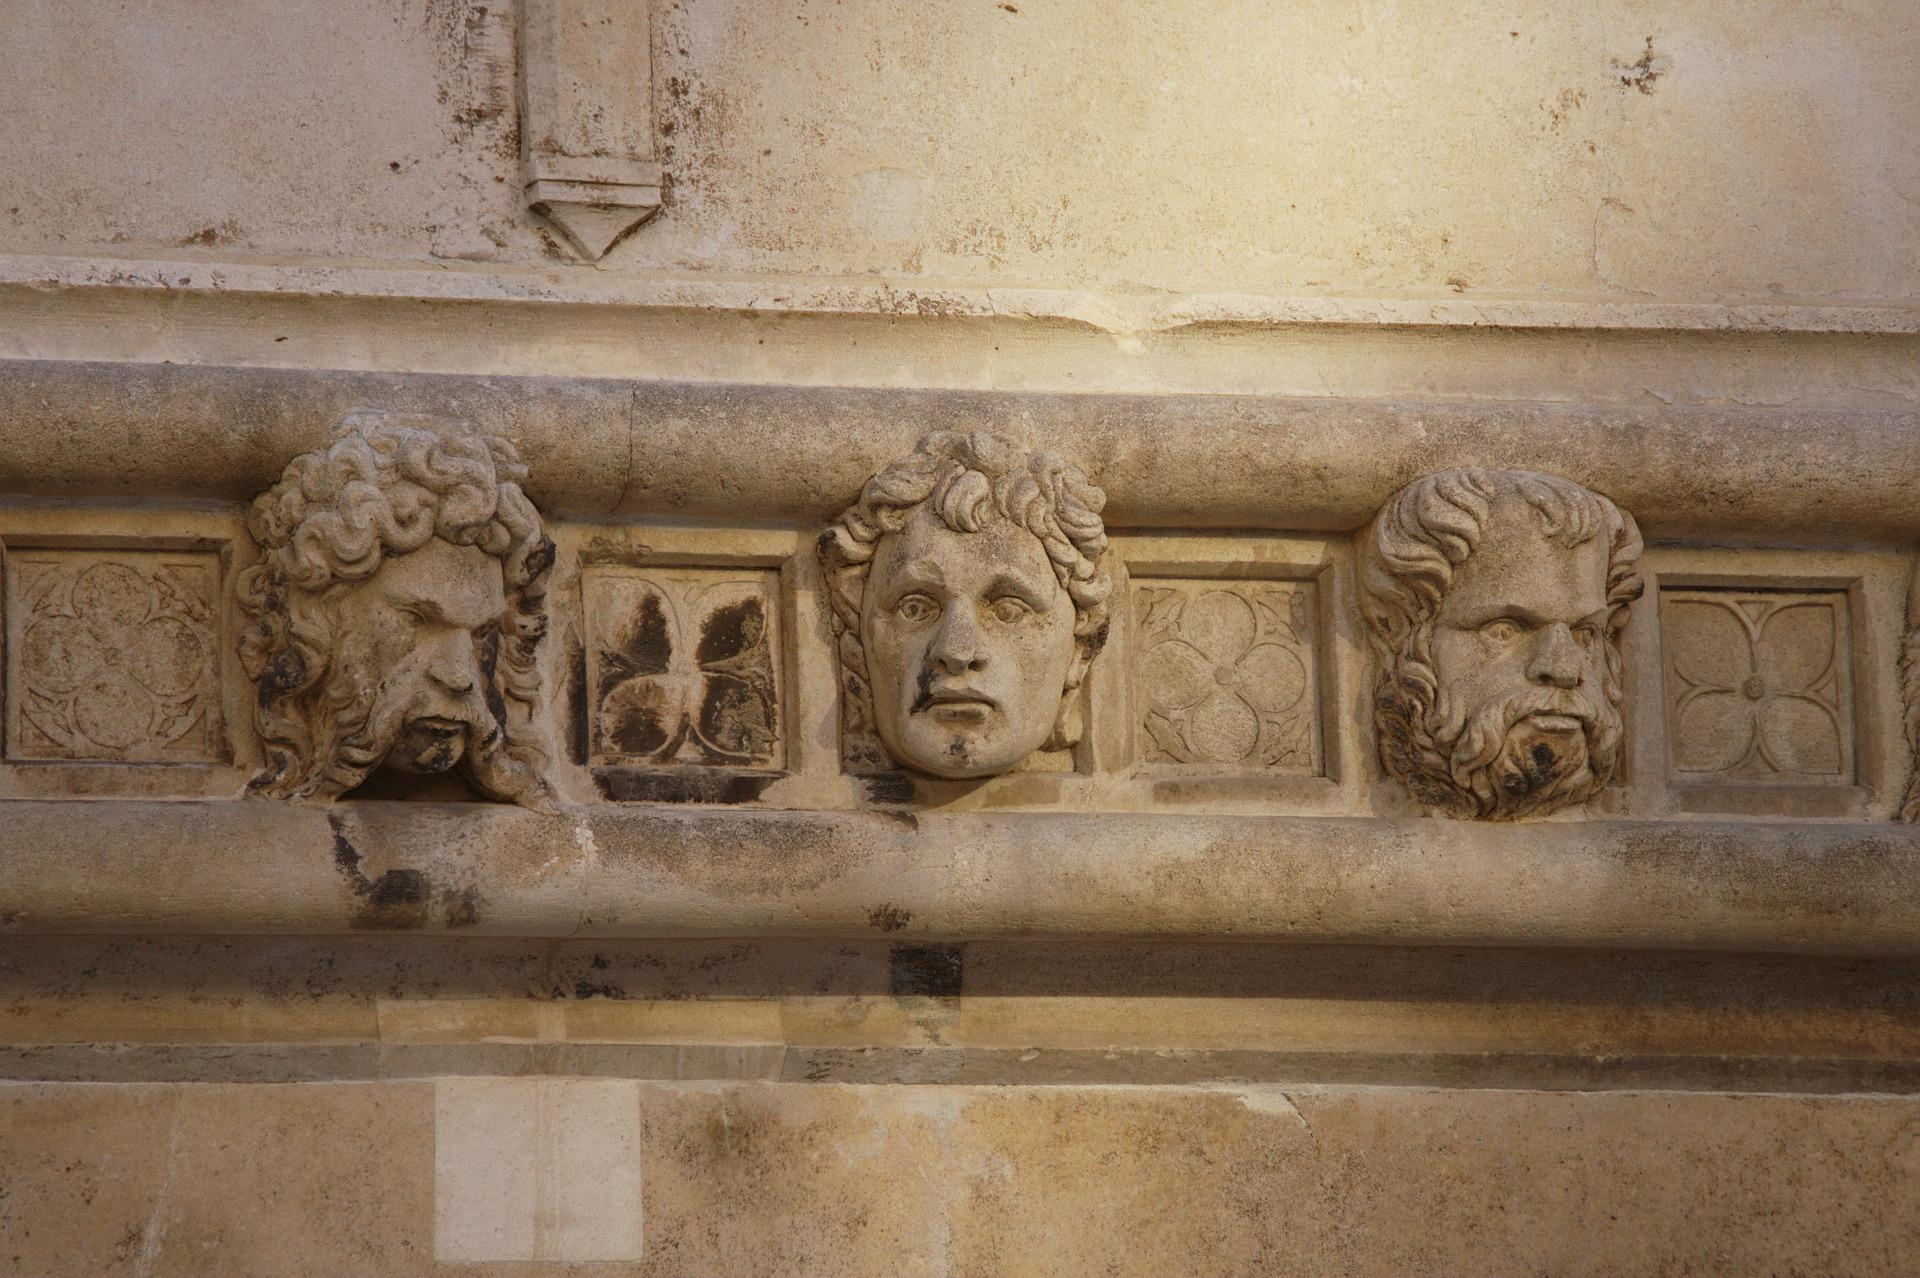 [FOTO] Znate li koliko je glava isklesano na šibenskoj katedrali?